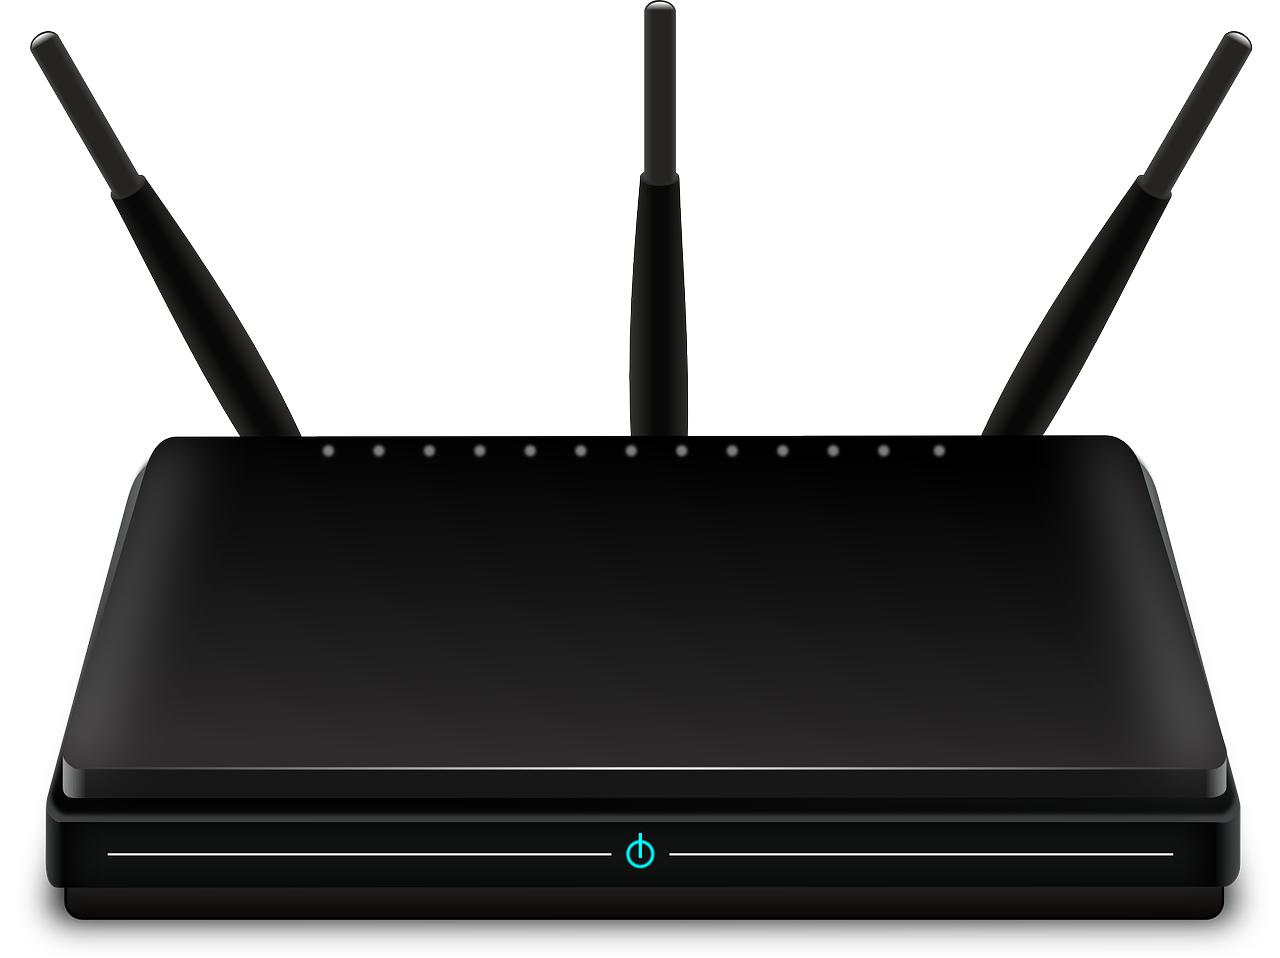 ¿Cómo elegir la mejor compañía de ADSL o fibra óptica?